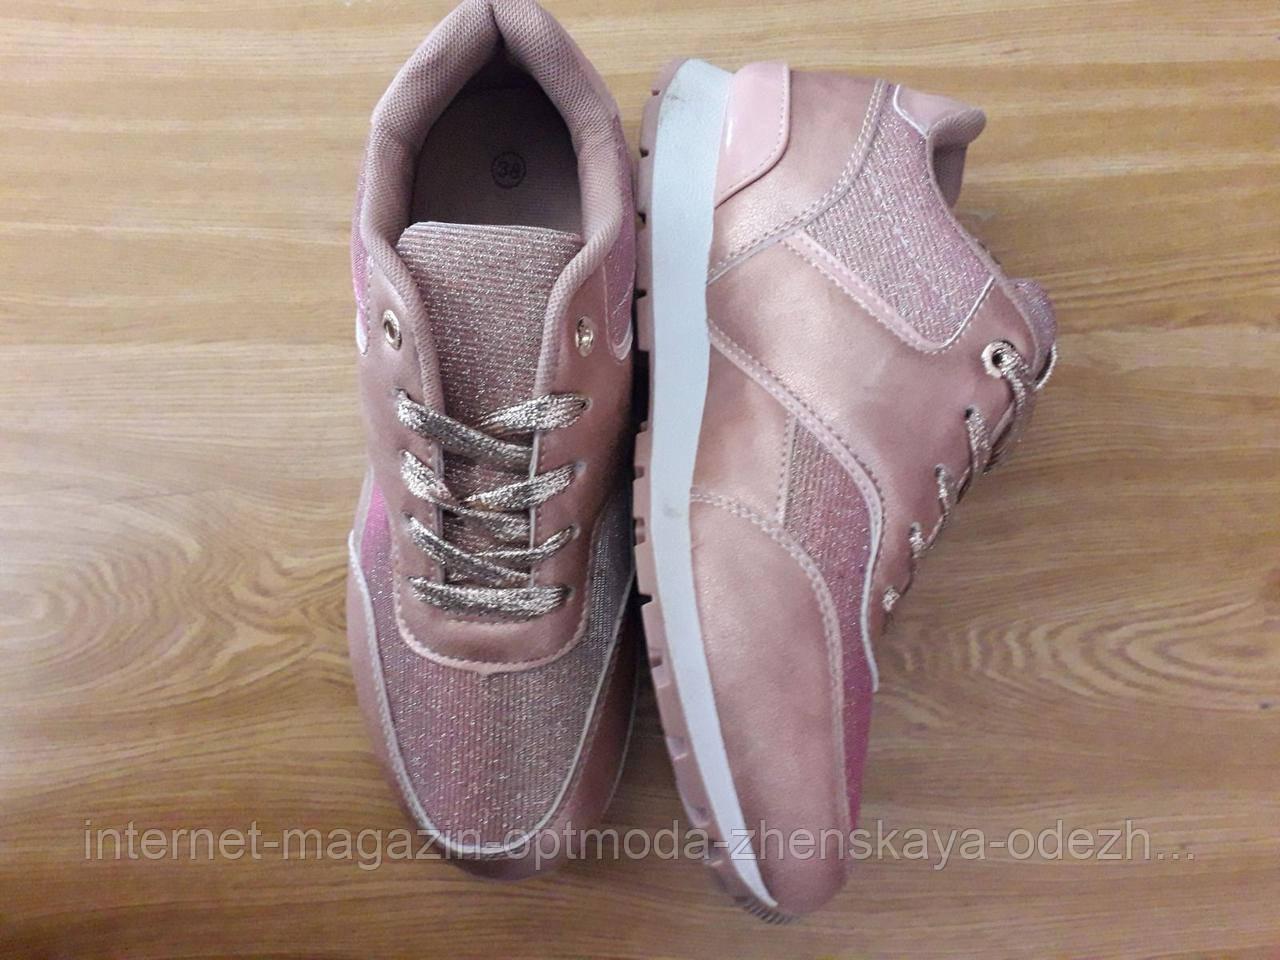 Женские кроссовки с блестками, размеры: 37,   38,   39, маломерят на один размер, верх эко-кожа+текстиль